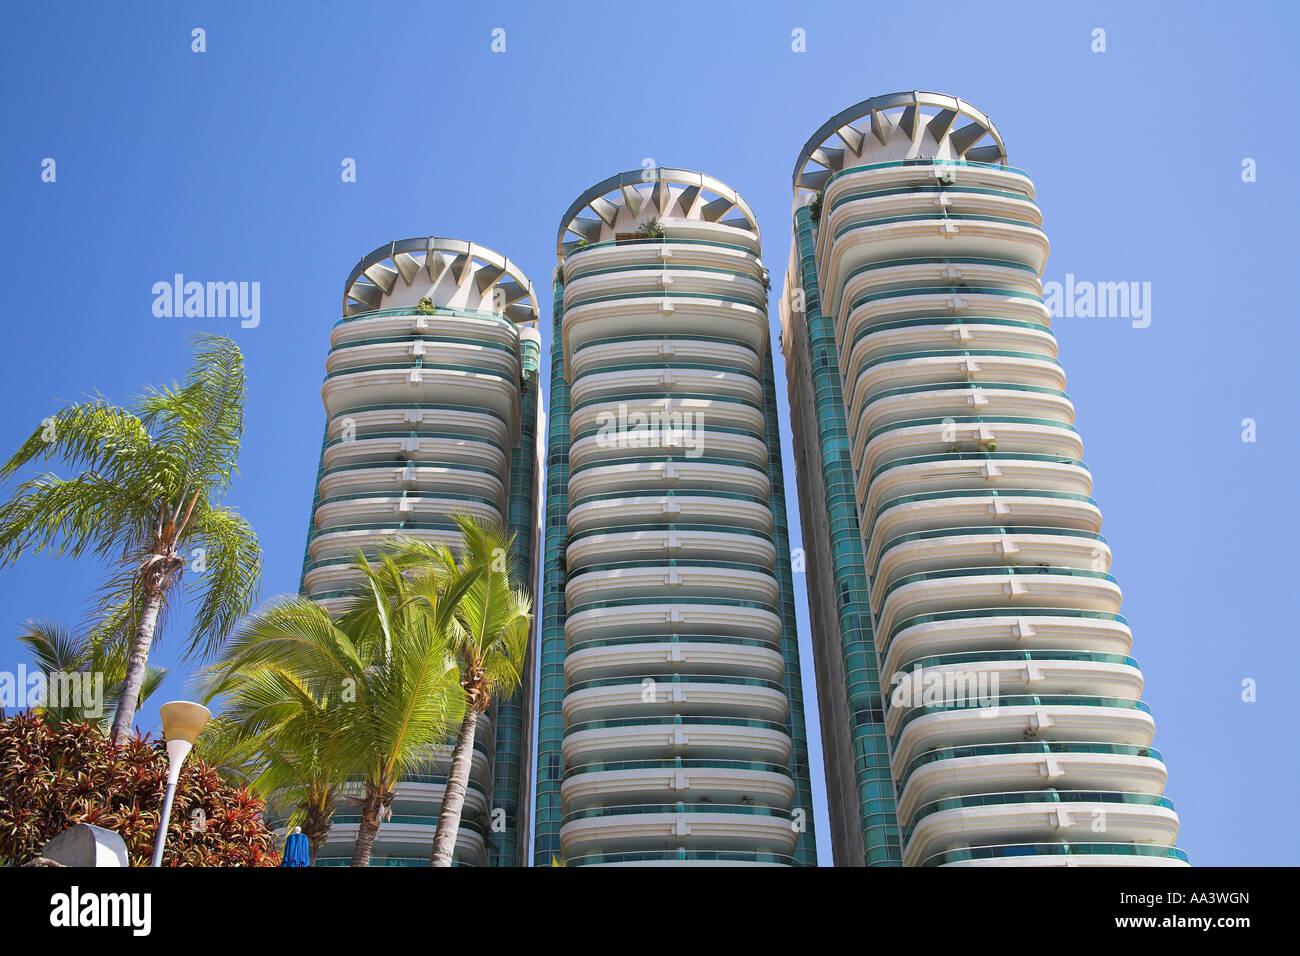 Condominio de Costa Victoria, Acapulco, Estado de Guerrero, México Foto de stock